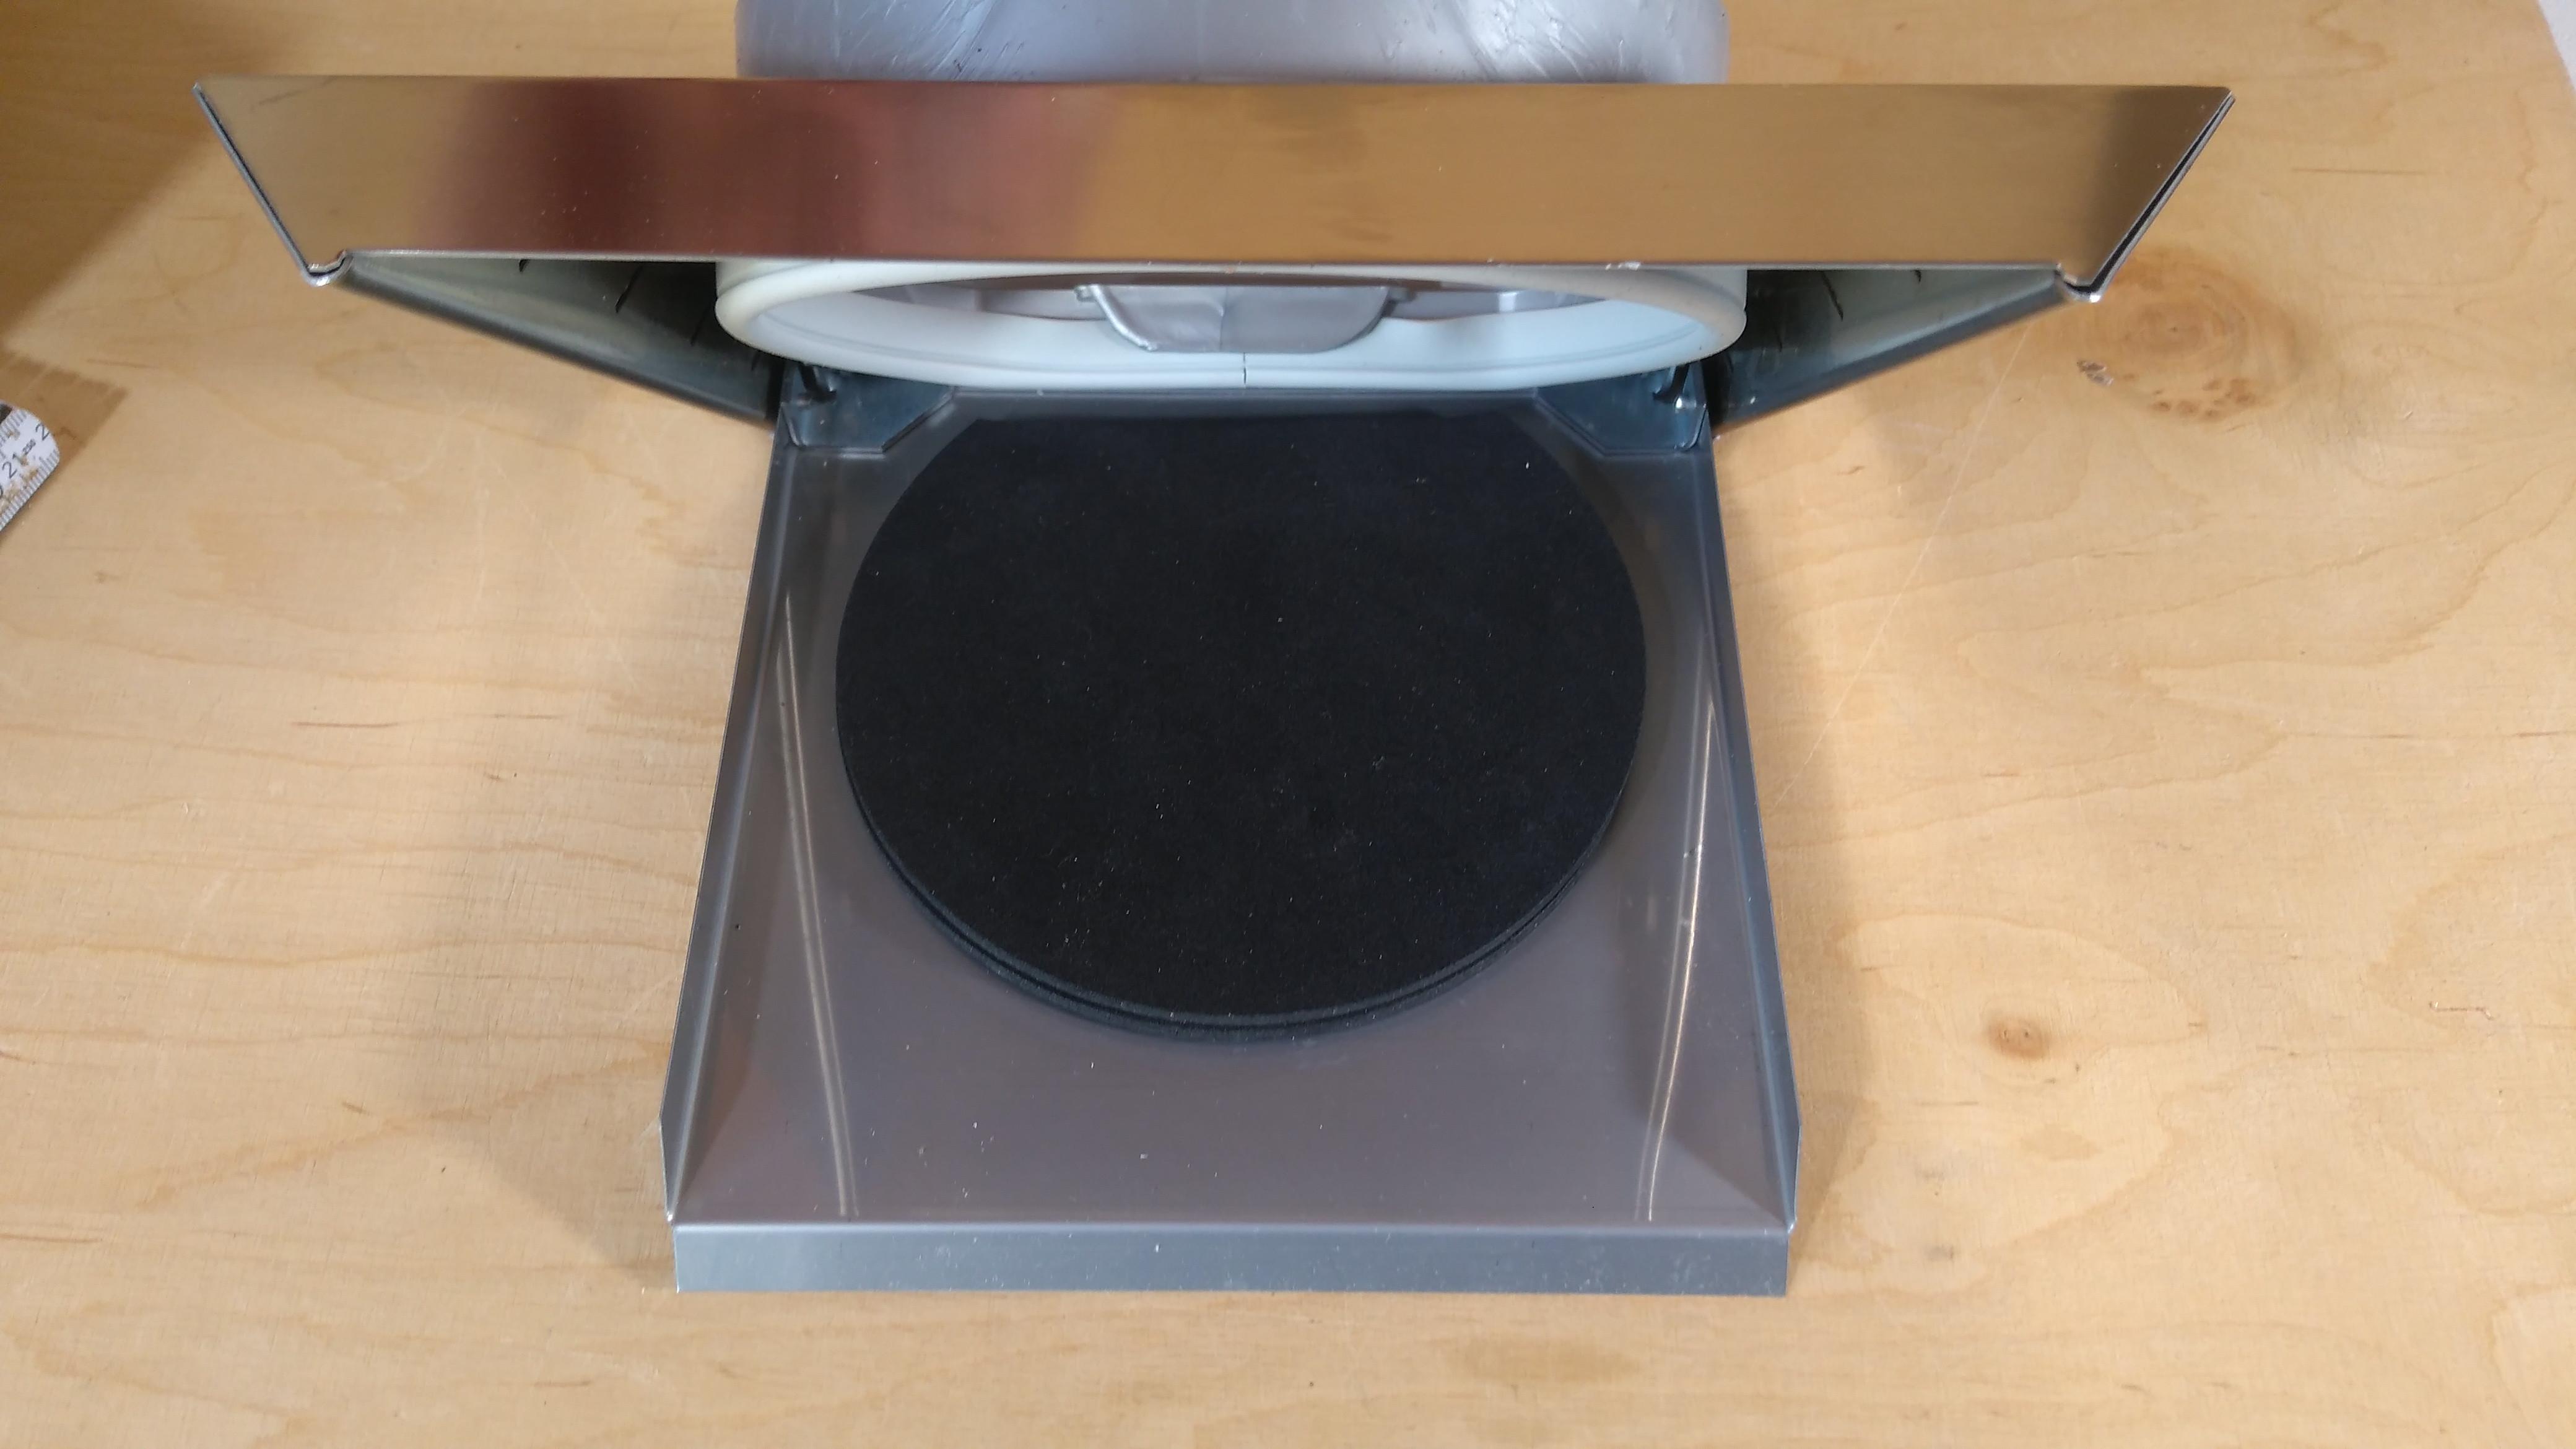 Mauerkasten mit blower door test zertifikat für niedrig energie